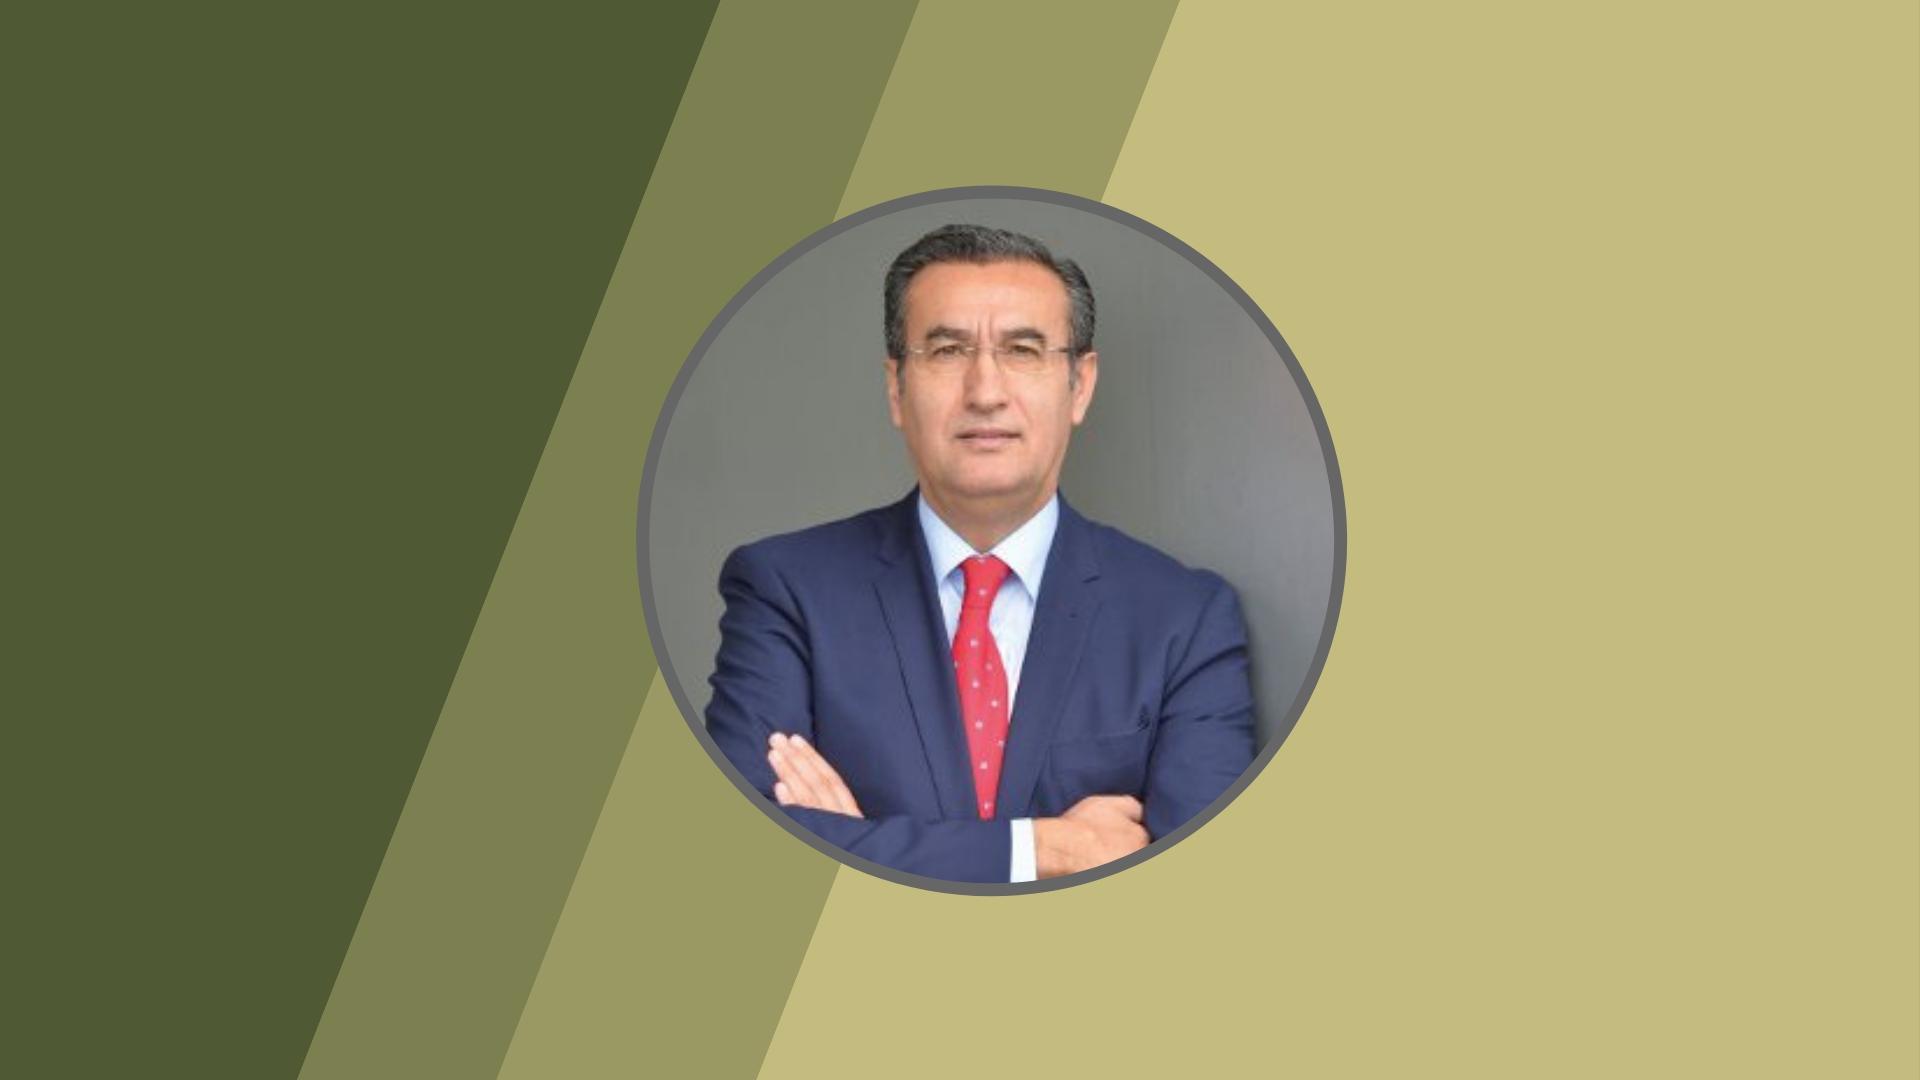 Vermú de Redacción con Jose María García - Country Manager de Esprinet